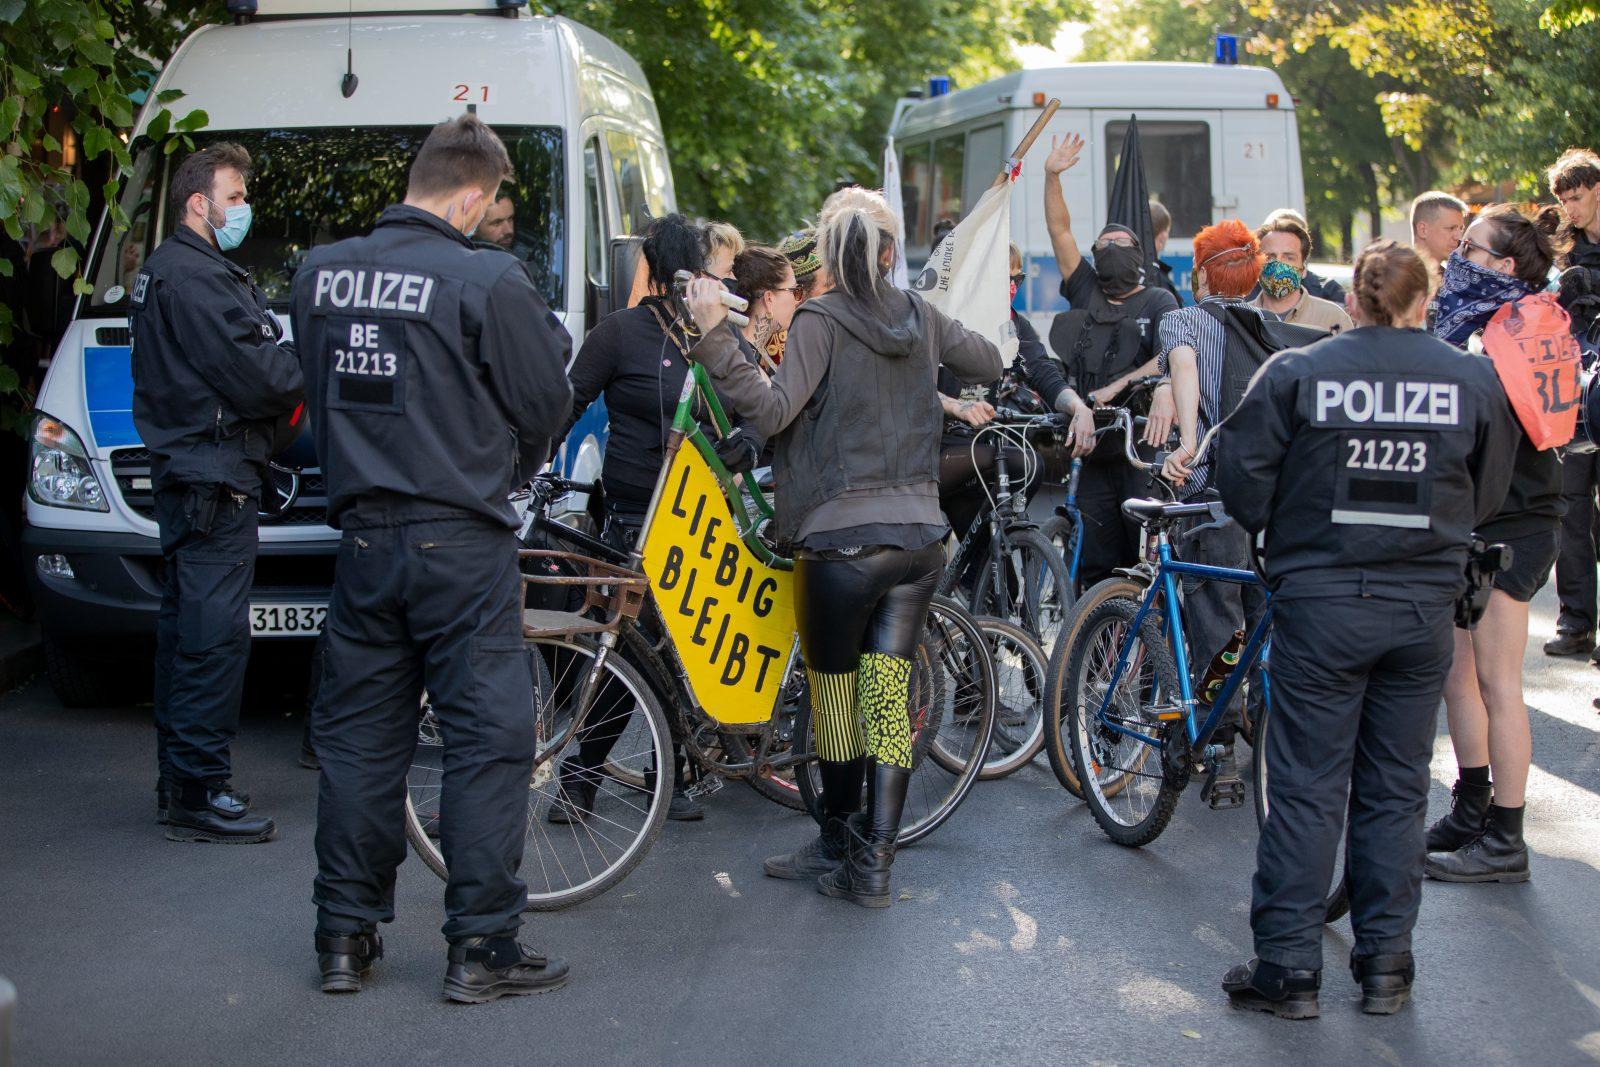 """Hausbesetzer und Unterstützer des linksextremen Hausprojekts """"Liebig34"""" demonstrieren für dessen Erhalt Foto: picture alliance/Christoph Soeder/dpa"""